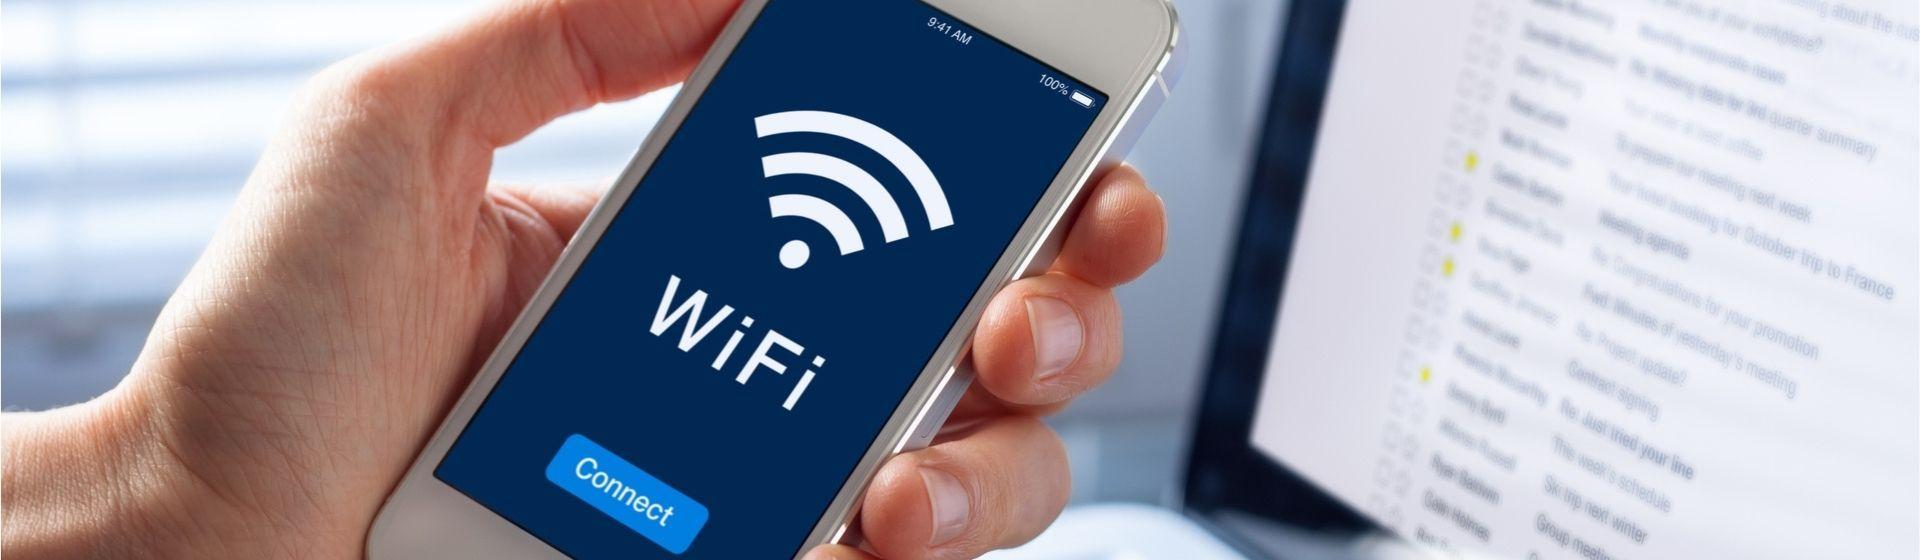 Como descobrir a senha do Wi-Fi pelo celular já conectado